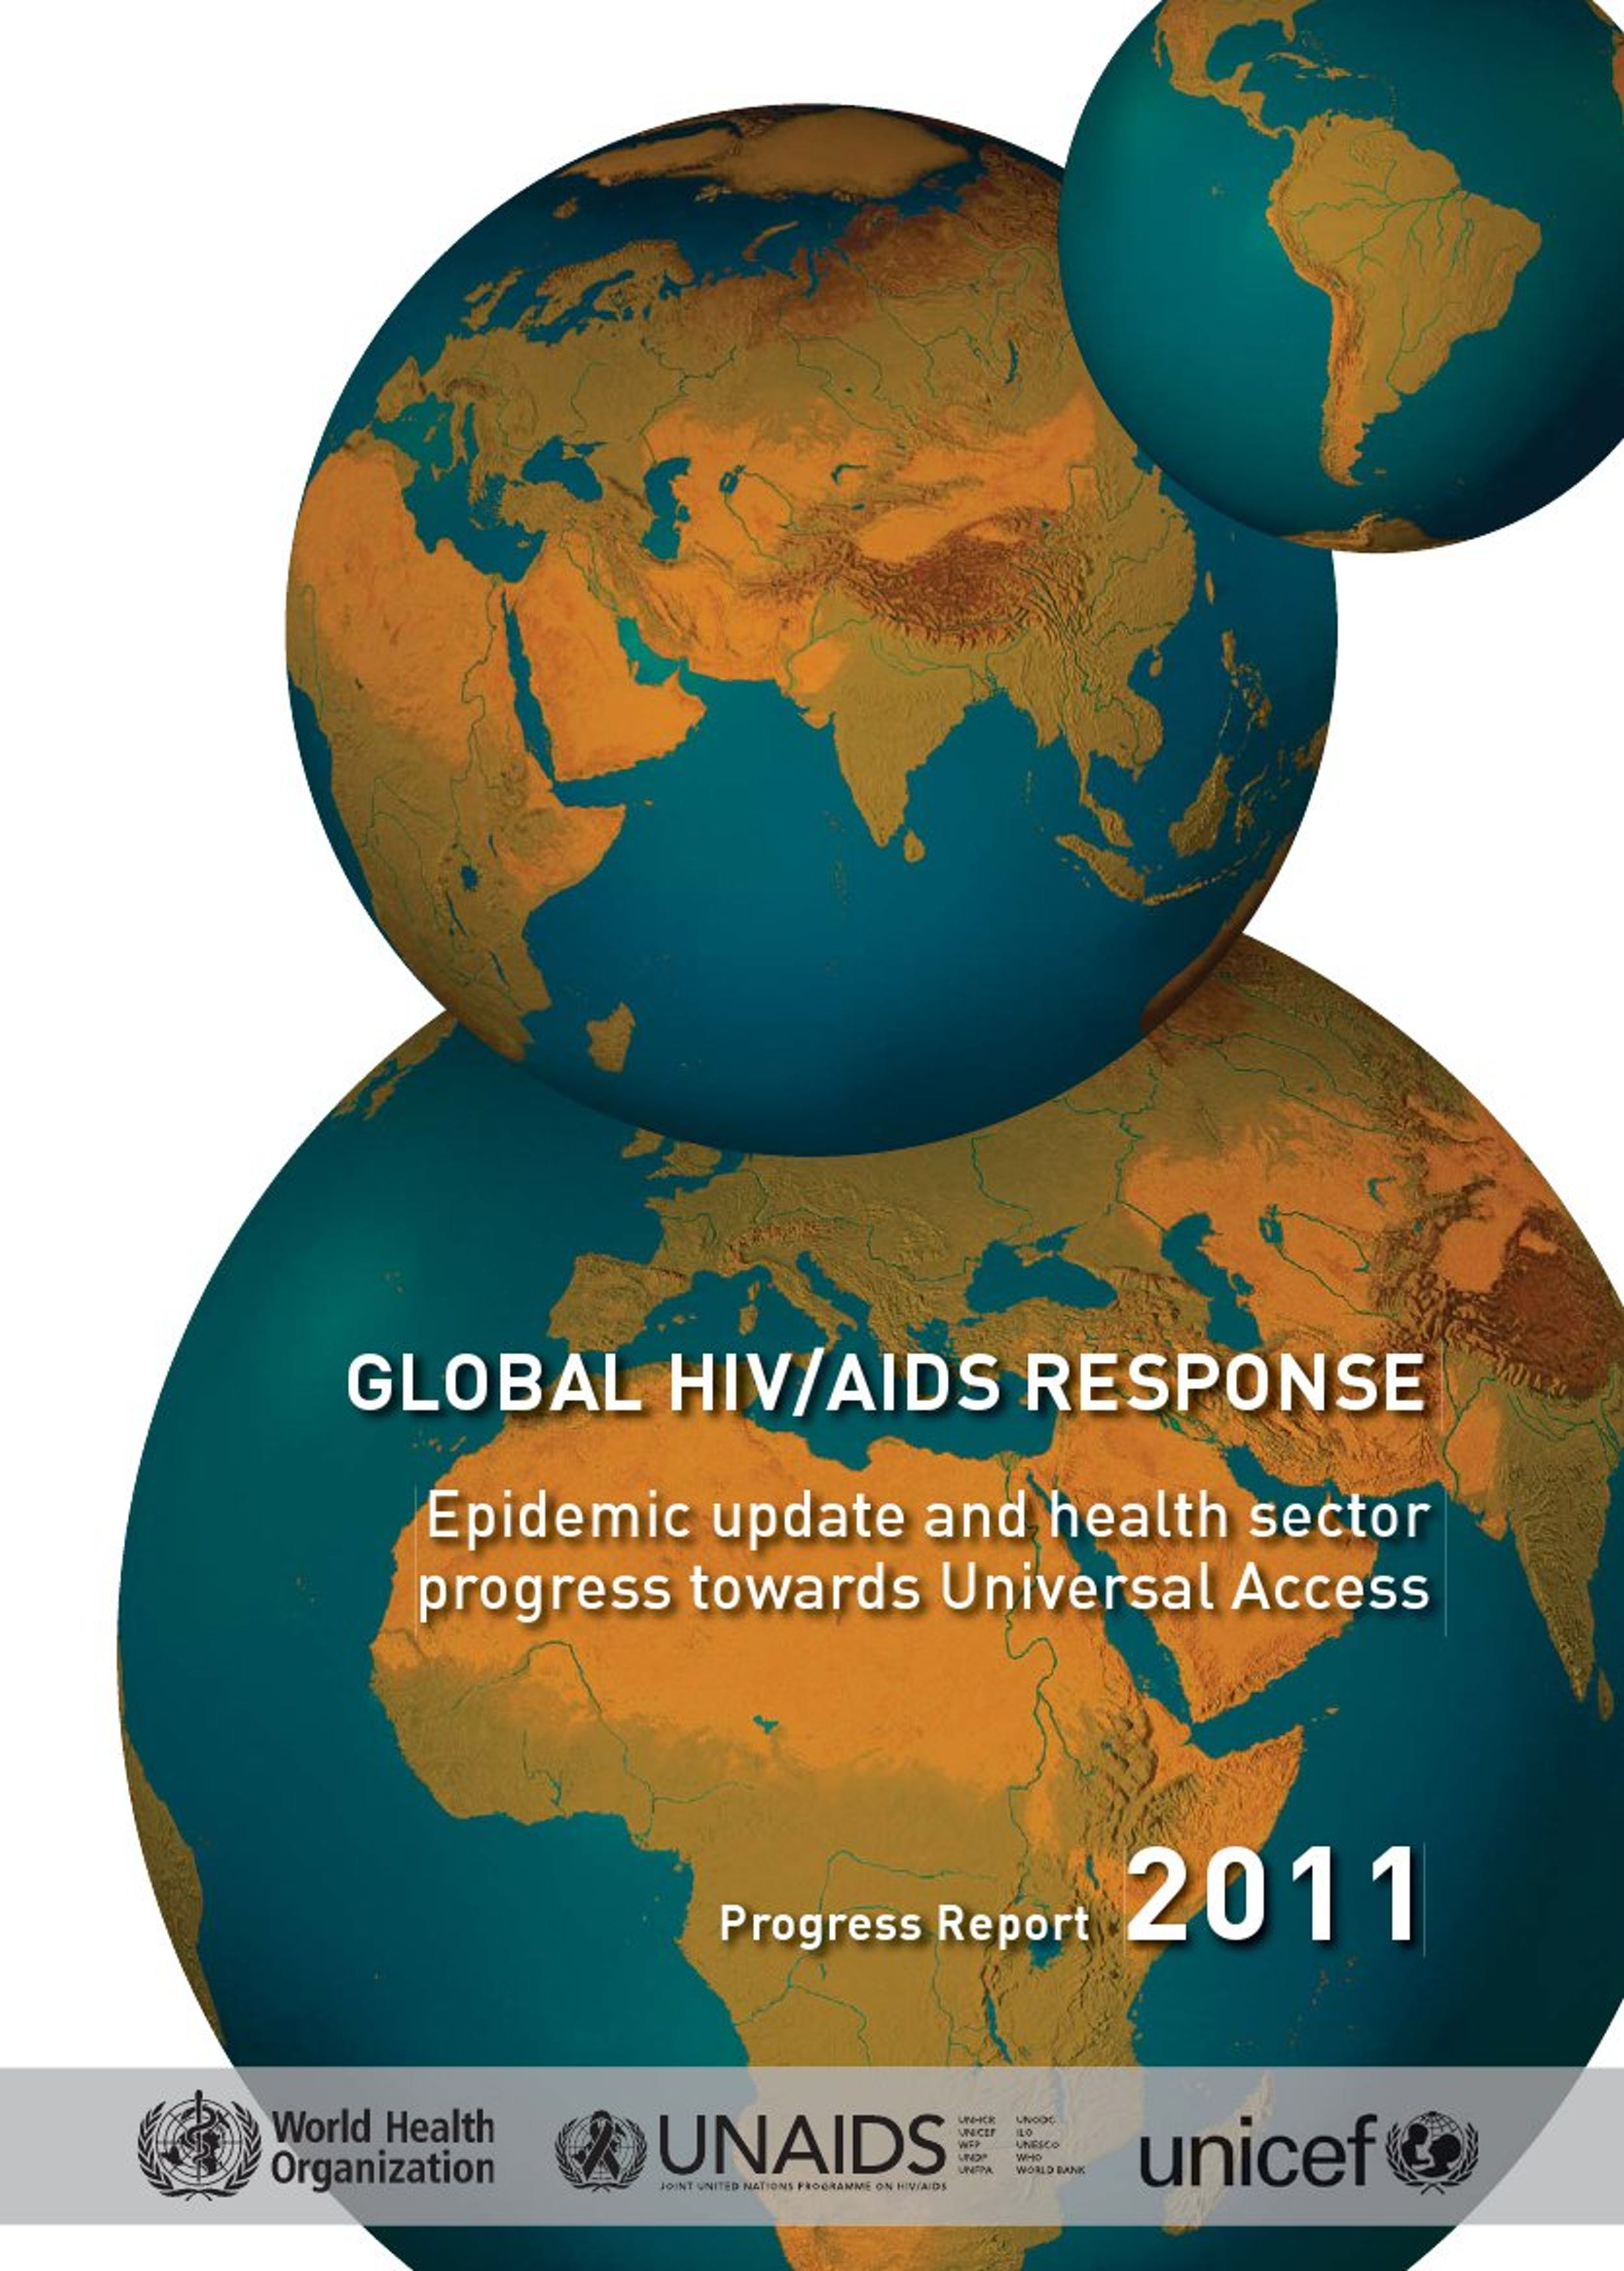 Risposta globale all'HIV/AIDS 2011